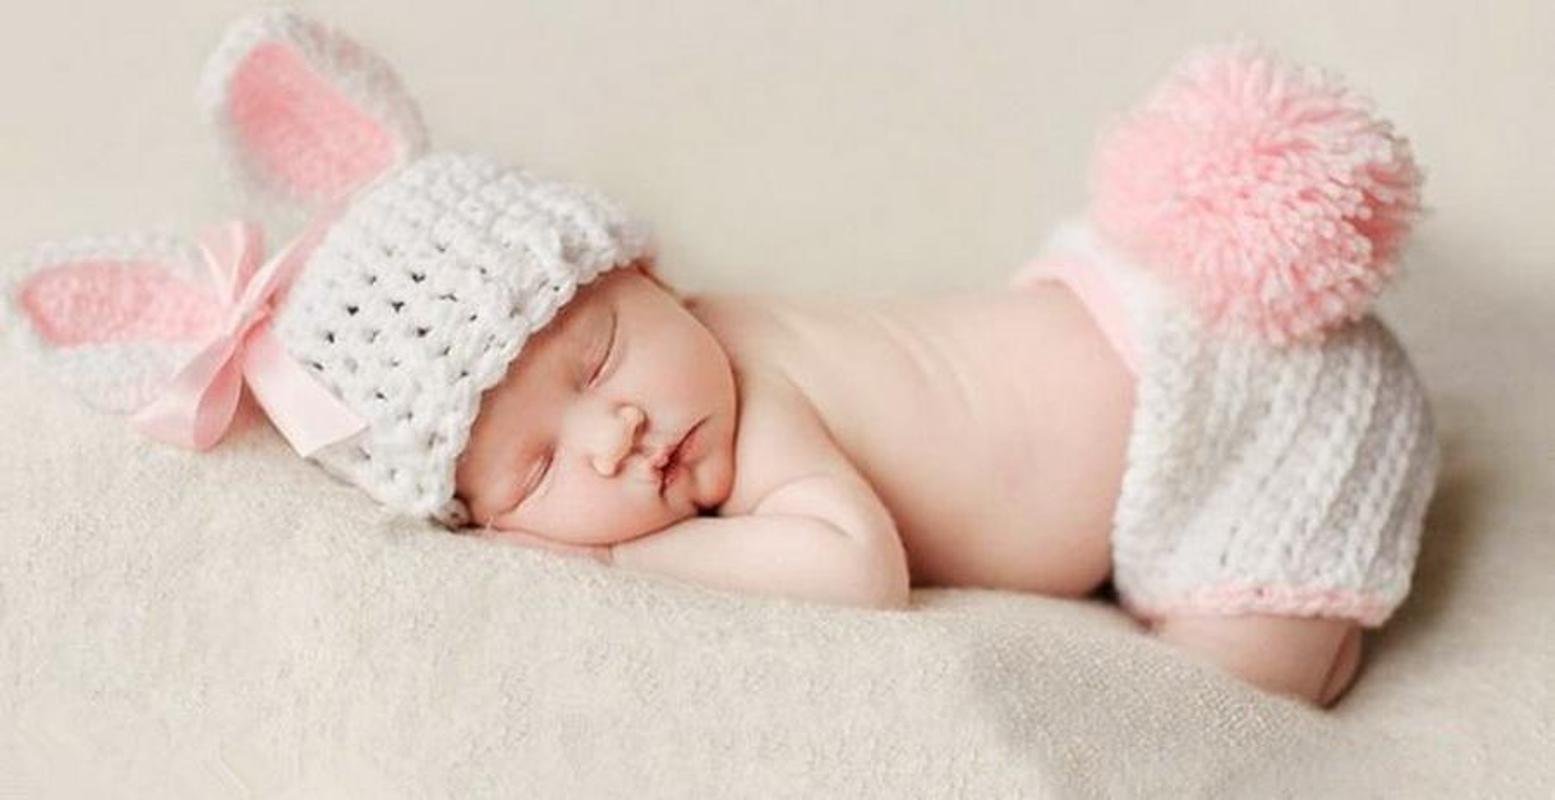 50set Hat Strumpfhose Set Handgemachte Kleinkind-Baby-Foto-Kostüm häkelt neugeborenes Baby-Foto Requisiten Zubehör